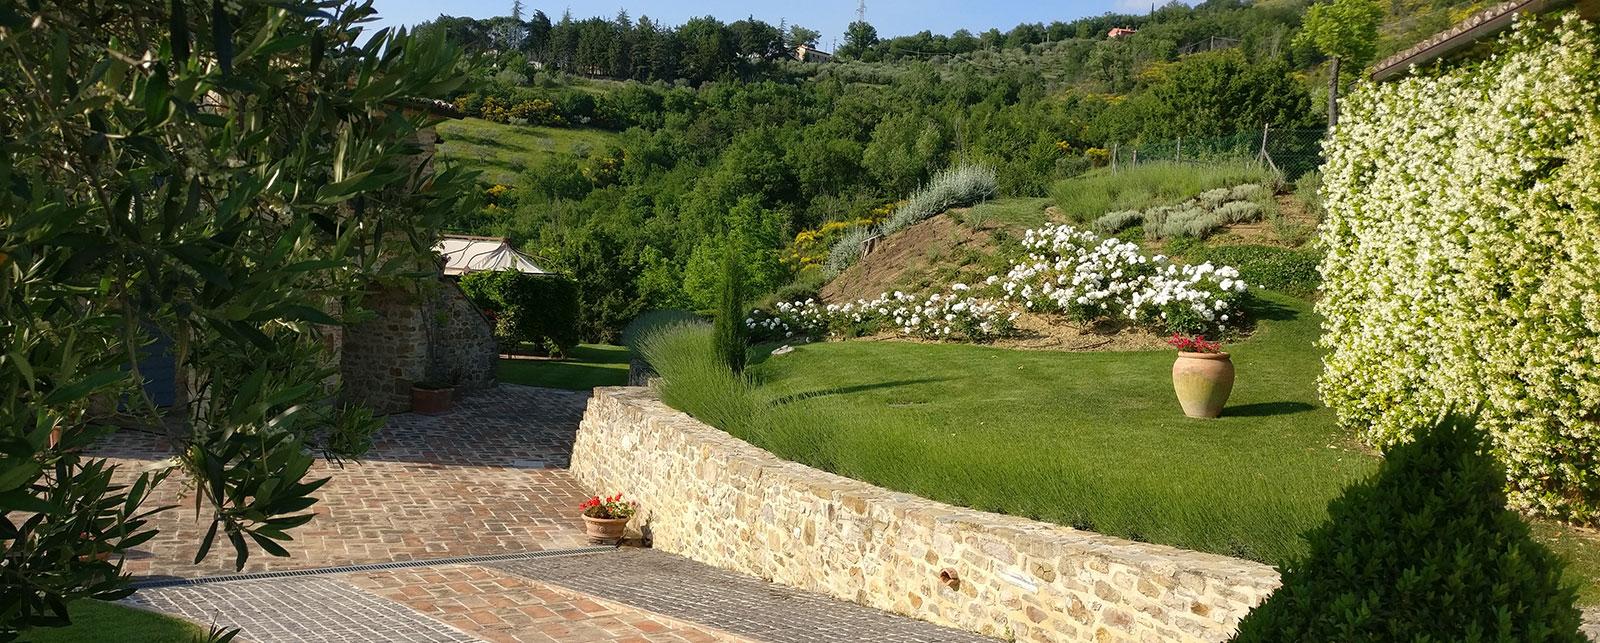 Alberi decorativi da giardino affordable artificiale for Alberi decorativi da giardino